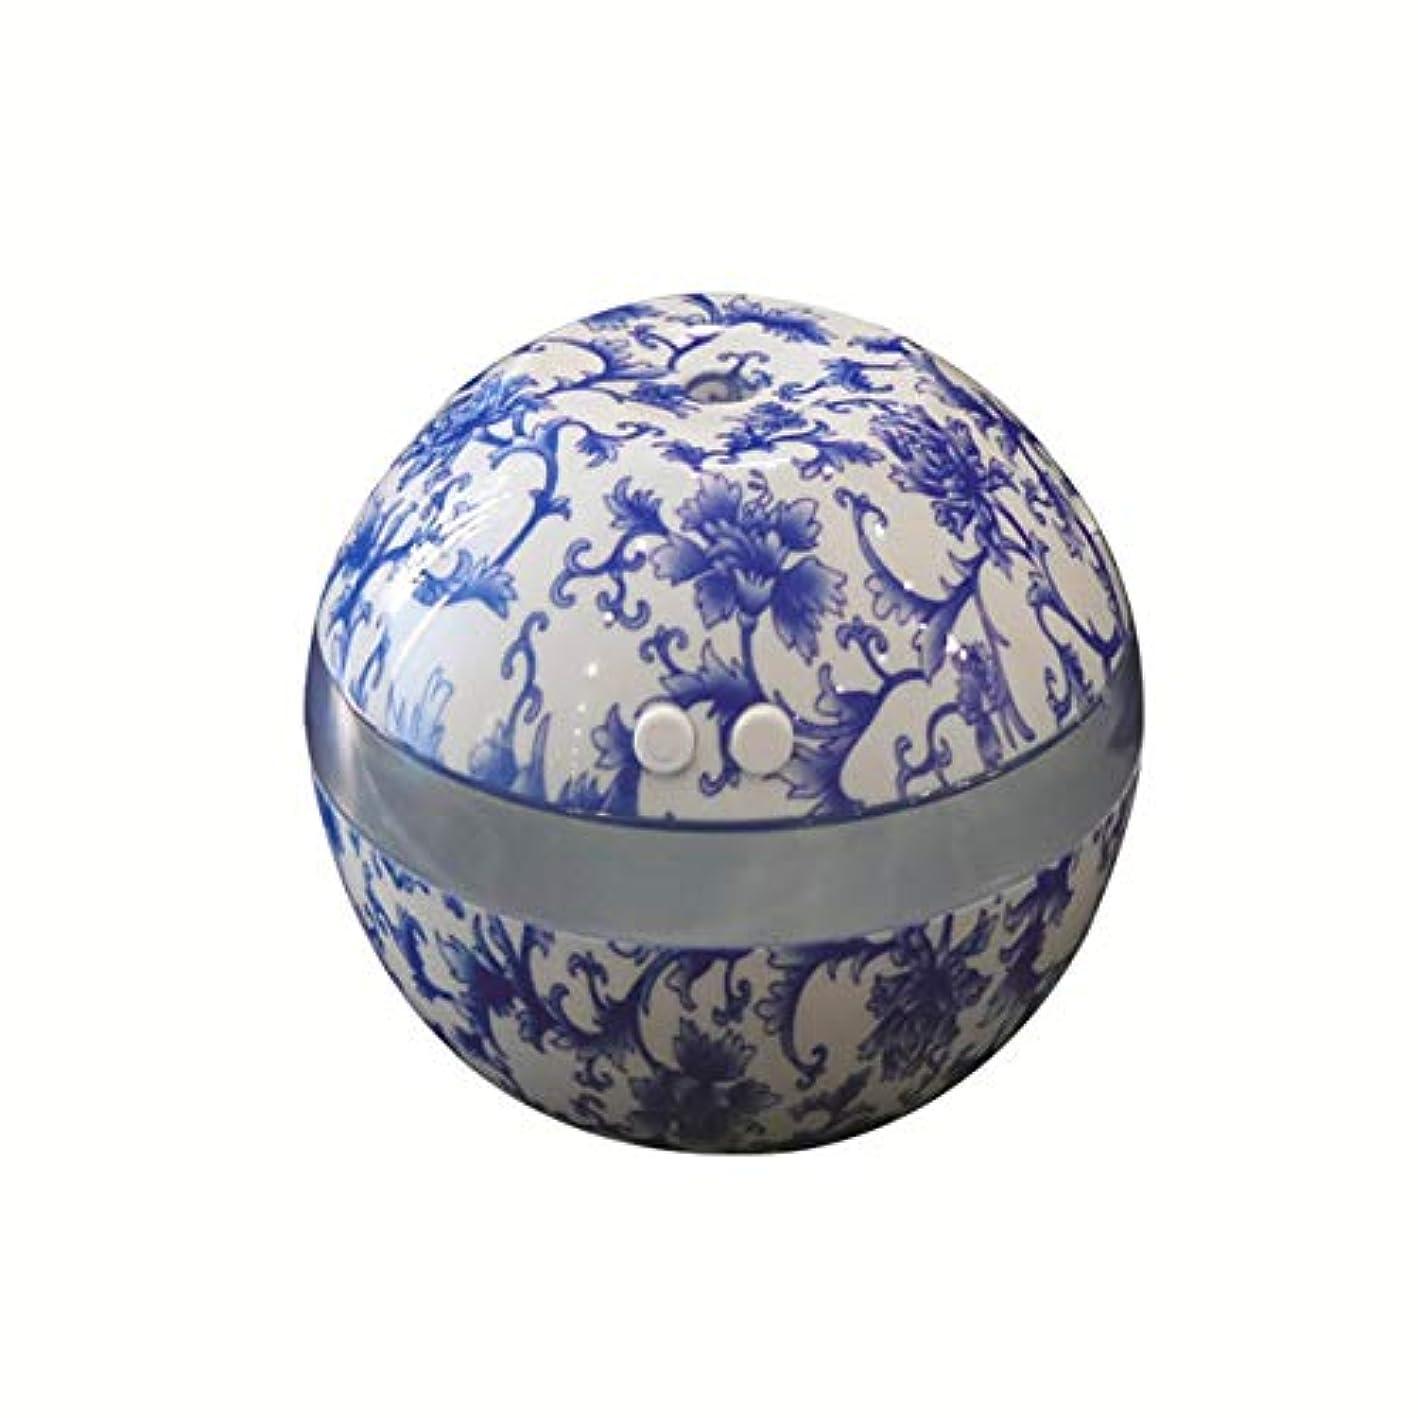 素人サミットスラックSaikogoods ブルー&ホワイトの磁器ホームオフィスSPAのための超音波加湿空気加湿器アロマエッセンシャルオイルディフューザーアロマセラピー 白青